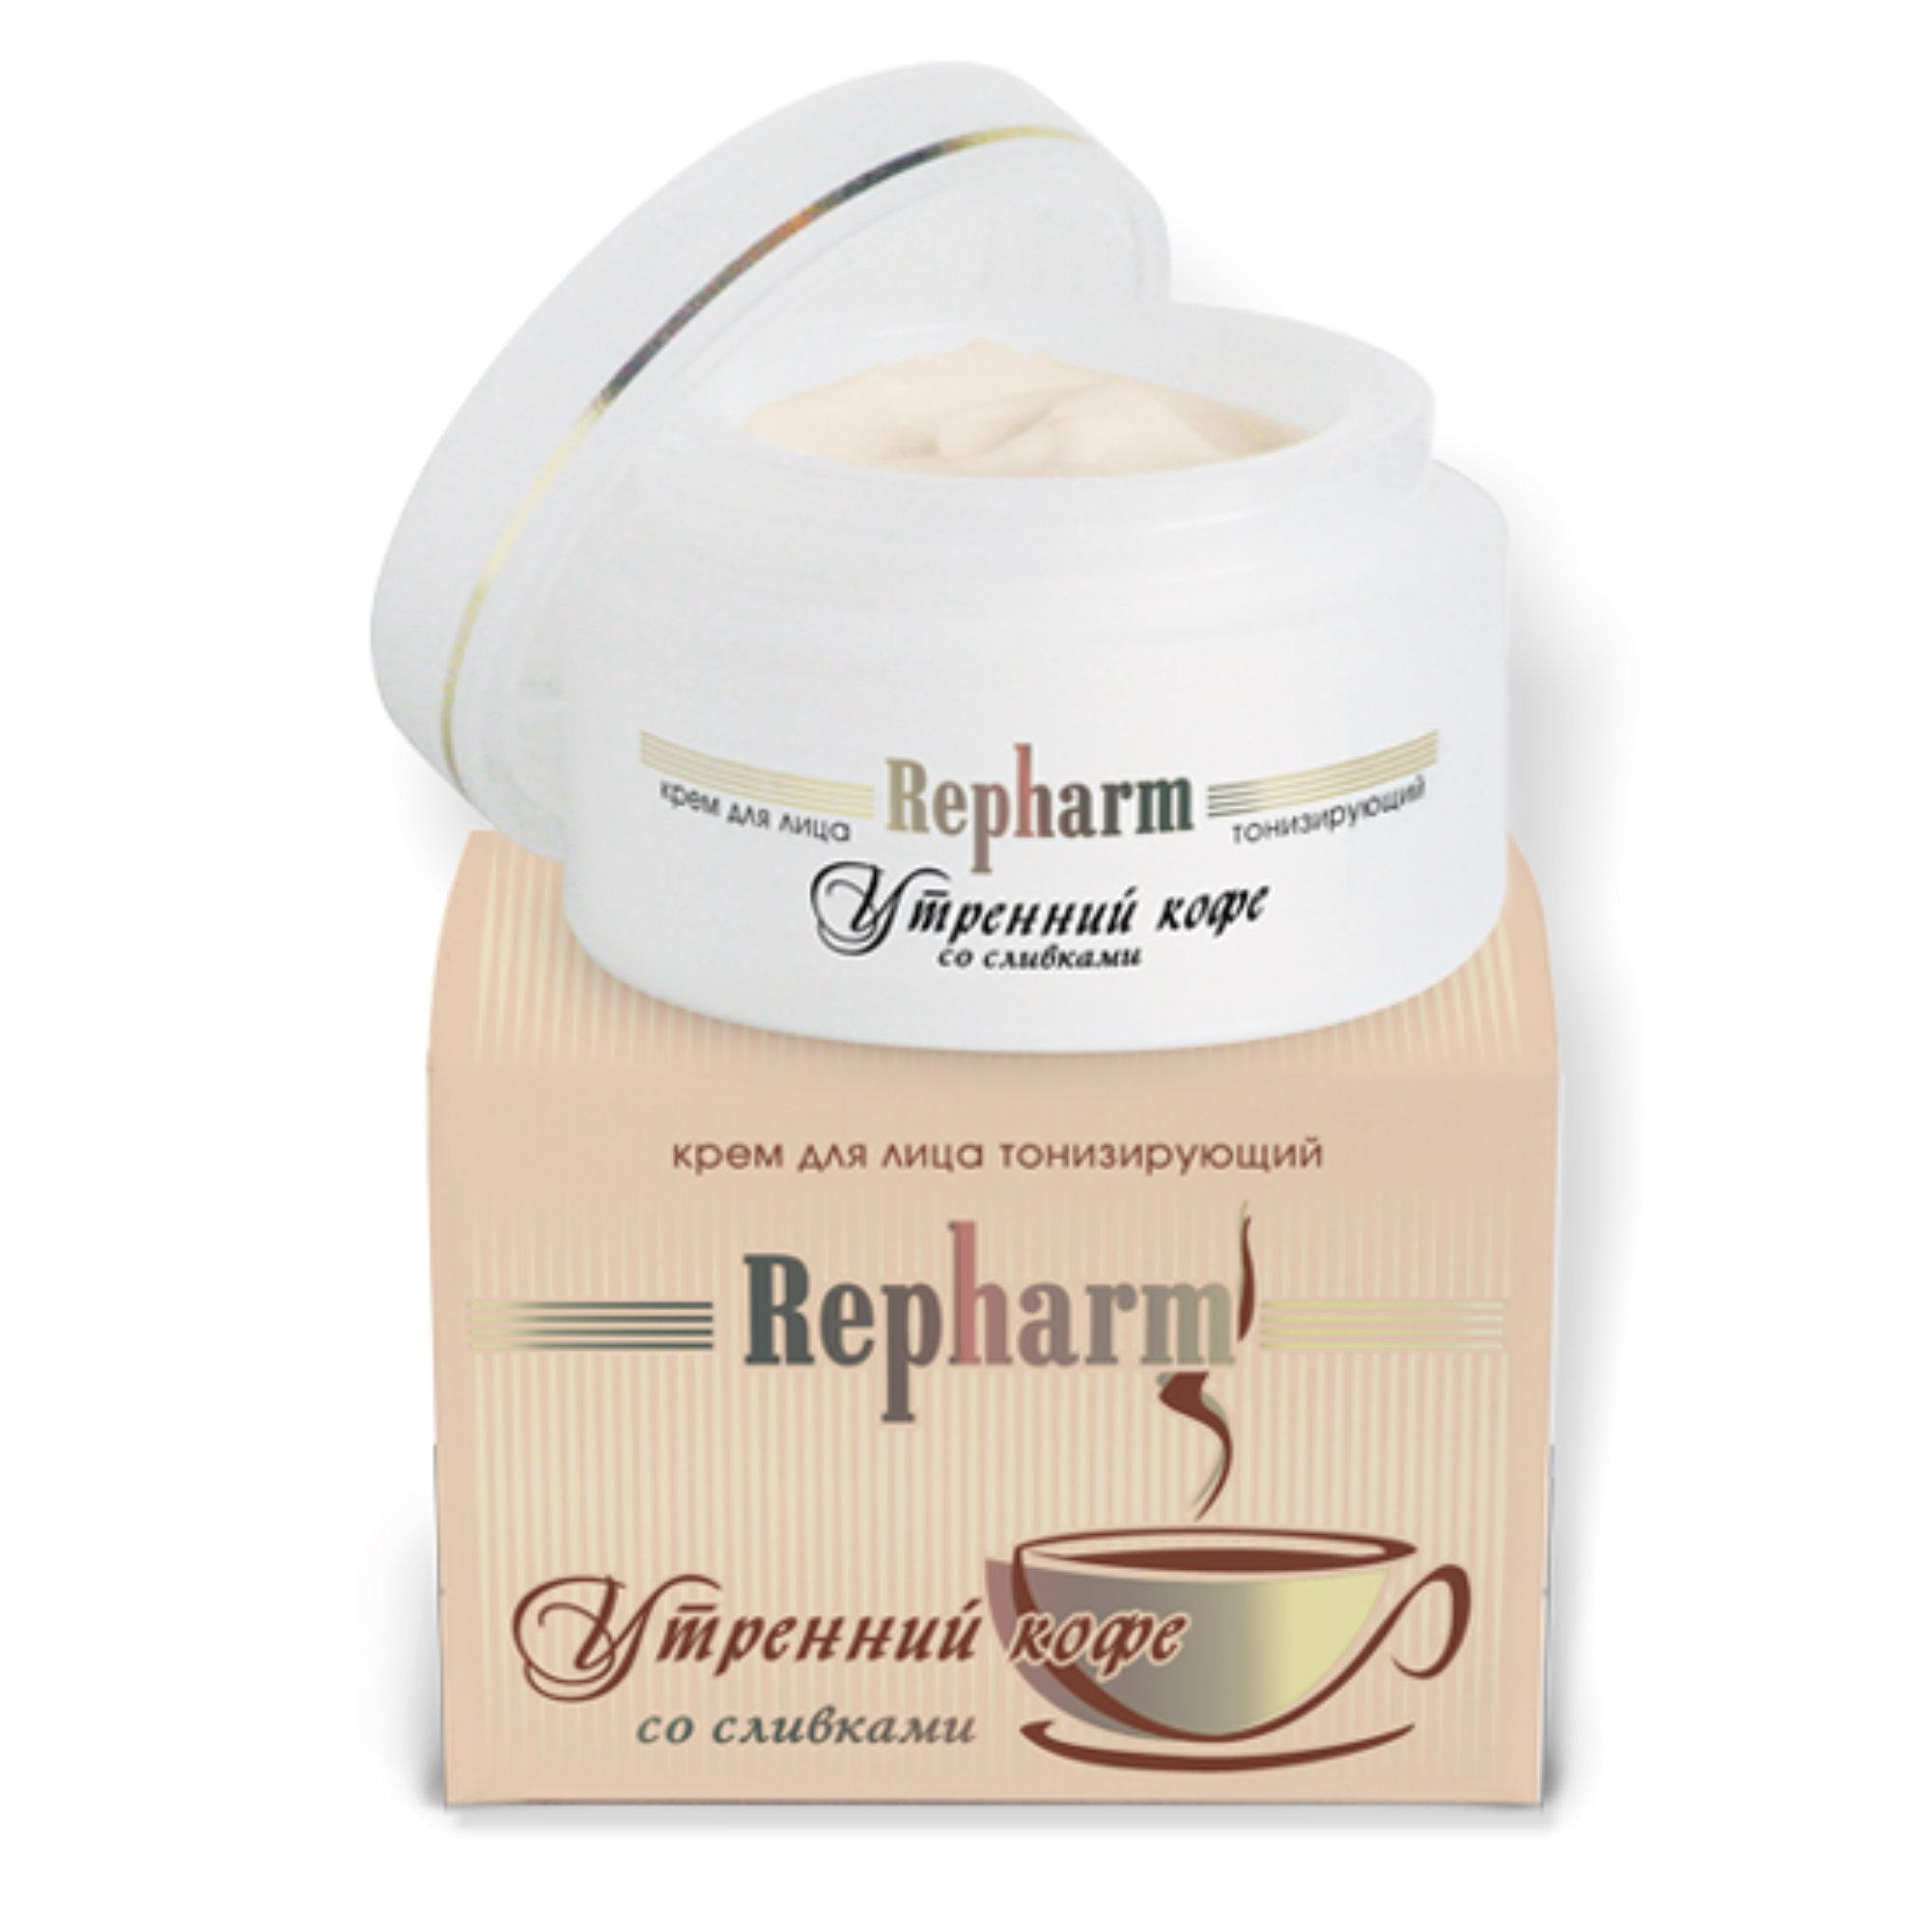 РЕФАРМ Крем  УТРЕННИЙ КОФЕ СО СЛИВКАМИ  / Repharm 50млКремы<br>Этот крем так необходим нашей коже, как чашка утреннего кофе для всего организма. Кожа просыпается, становится свежей и румяной, уходят отеки. Тонизирующий эффект крема обеспечивается комплексом активных добавок на основе натурального экстракта кофе, молочных сливок, пиона и клевера красного. Крем способствует интенсификации обменных процессов в клетках кожи, восстановлению контура и цвета лица. Предназначен для ухода за зрелой кожей.<br><br>Объем: 50 мл<br>Вид средства для лица: Тонизирующий